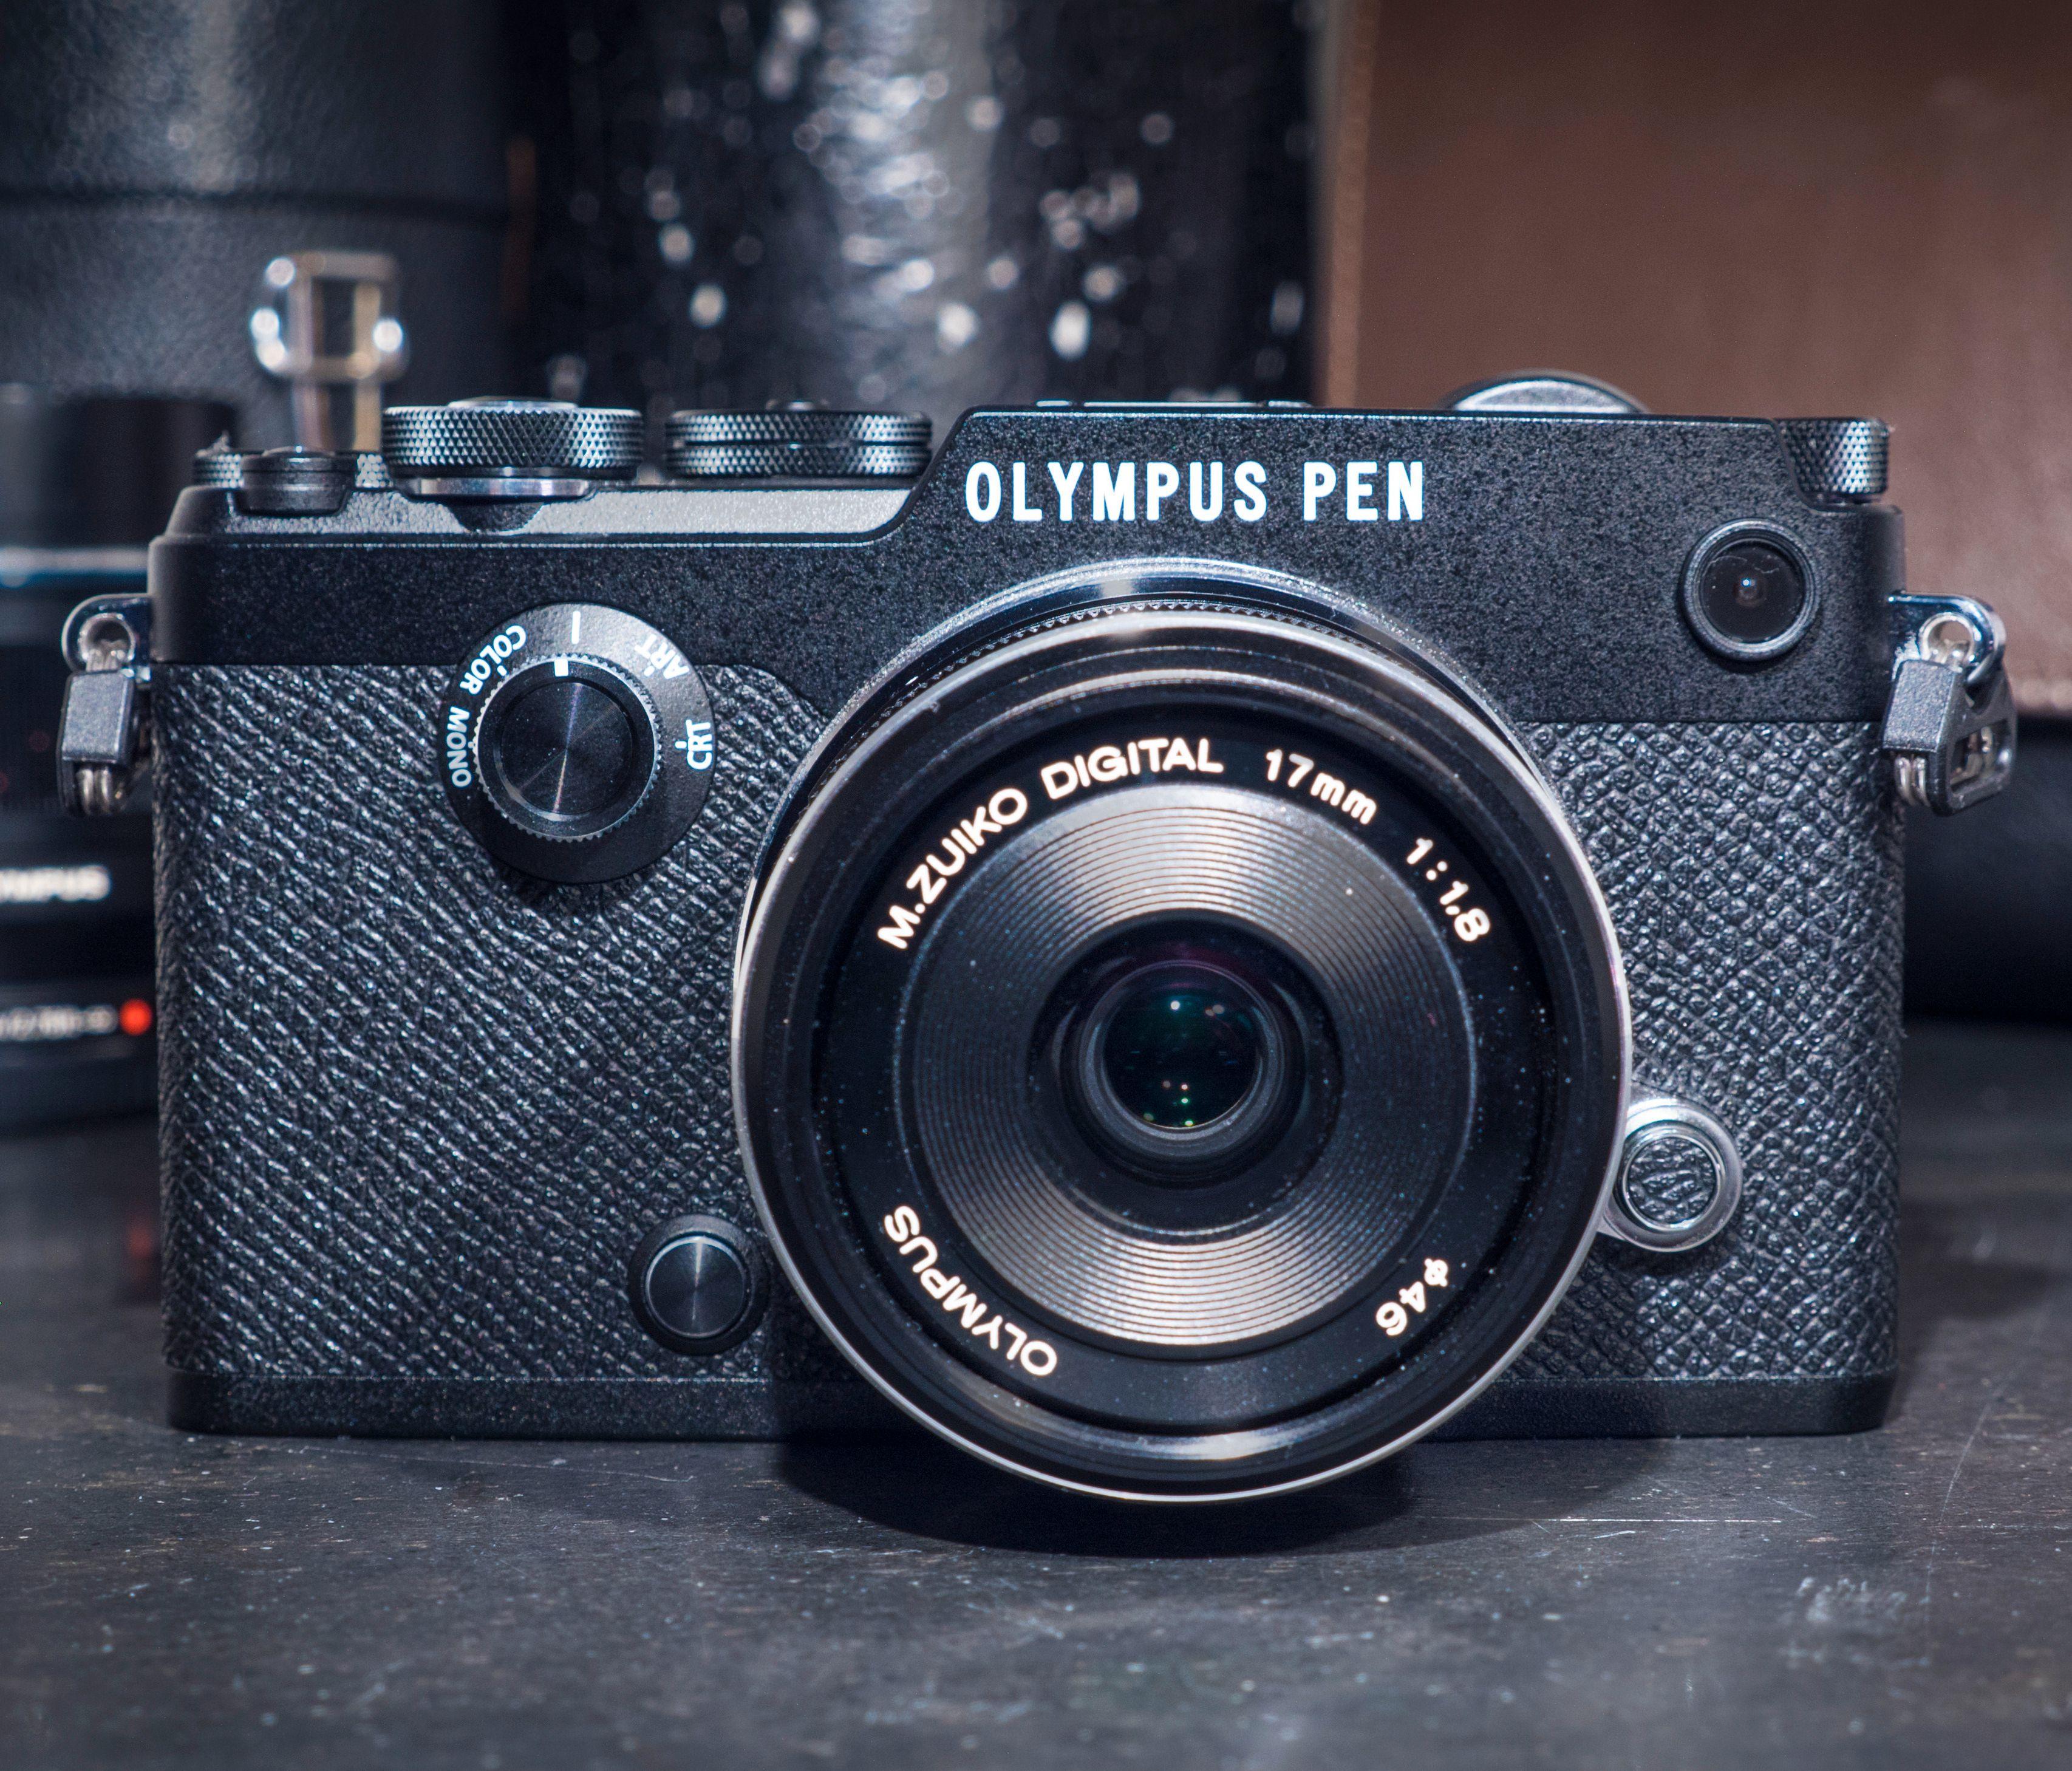 Pen-F er både et bra kamera, og et dyrt hipstersmykke på en gang. Men det finnes billigere alternativer som gir oss praktisk talt de samme mulighetene, selv om de kanskje ser like bra ut mens de gjør det.